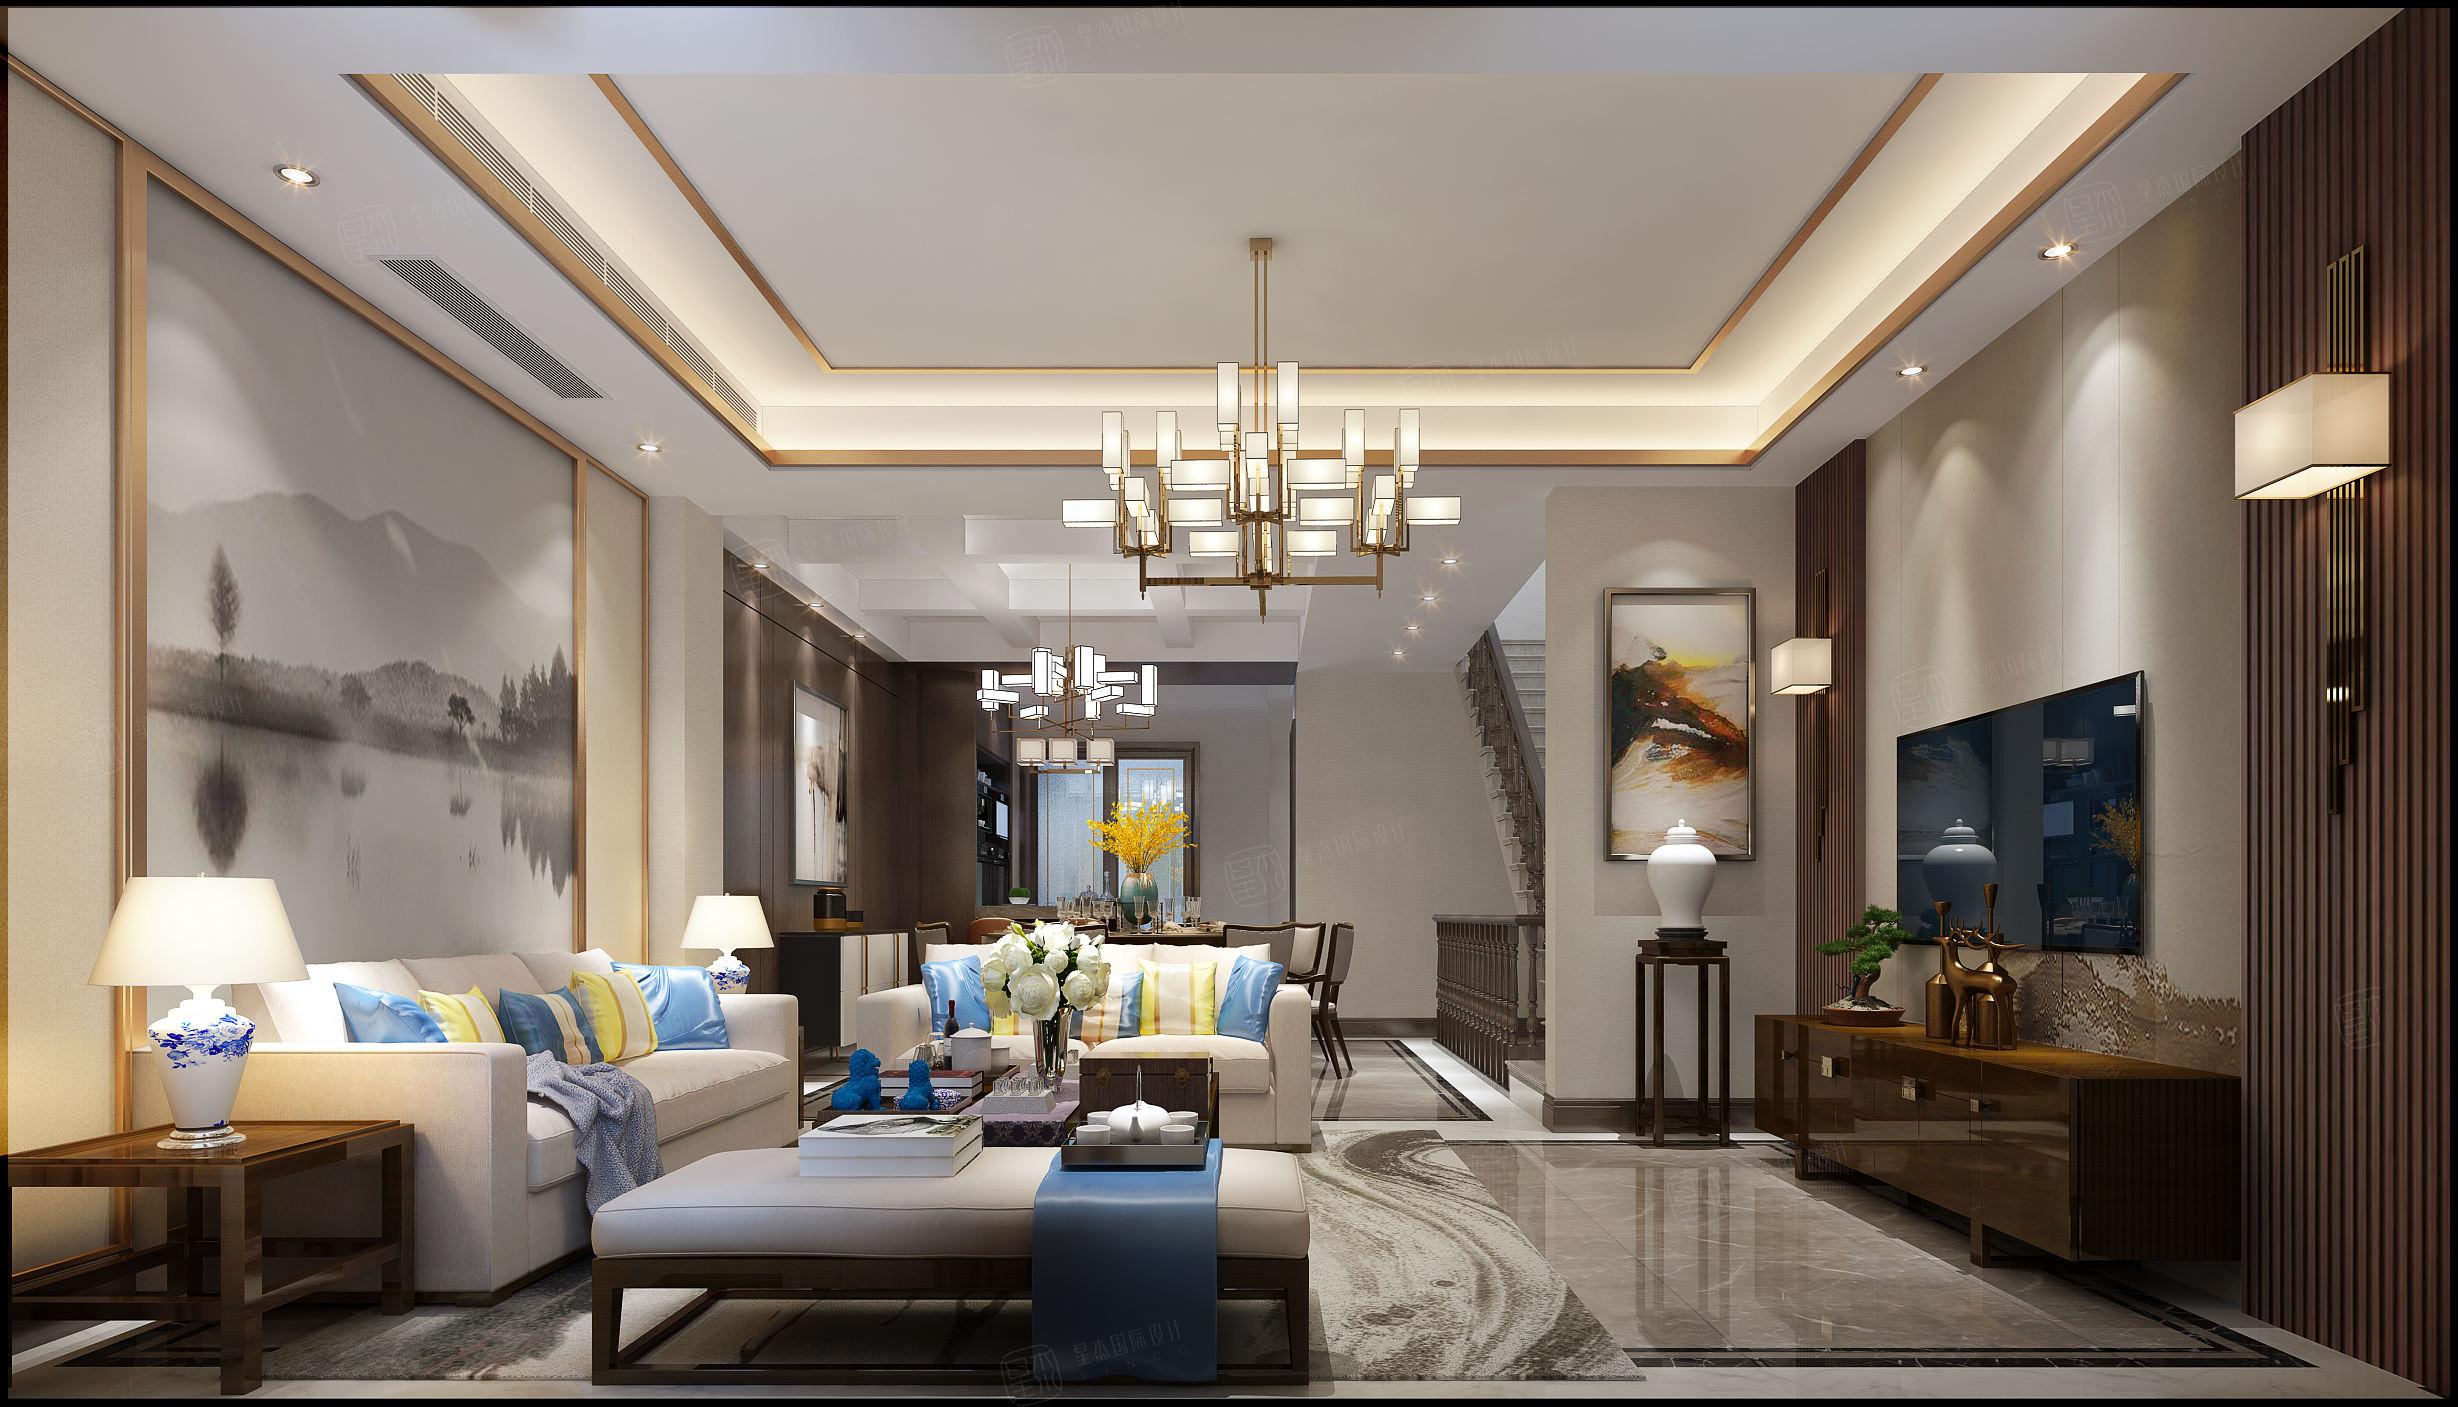 景瑞望府 新中式装修客厅效果图